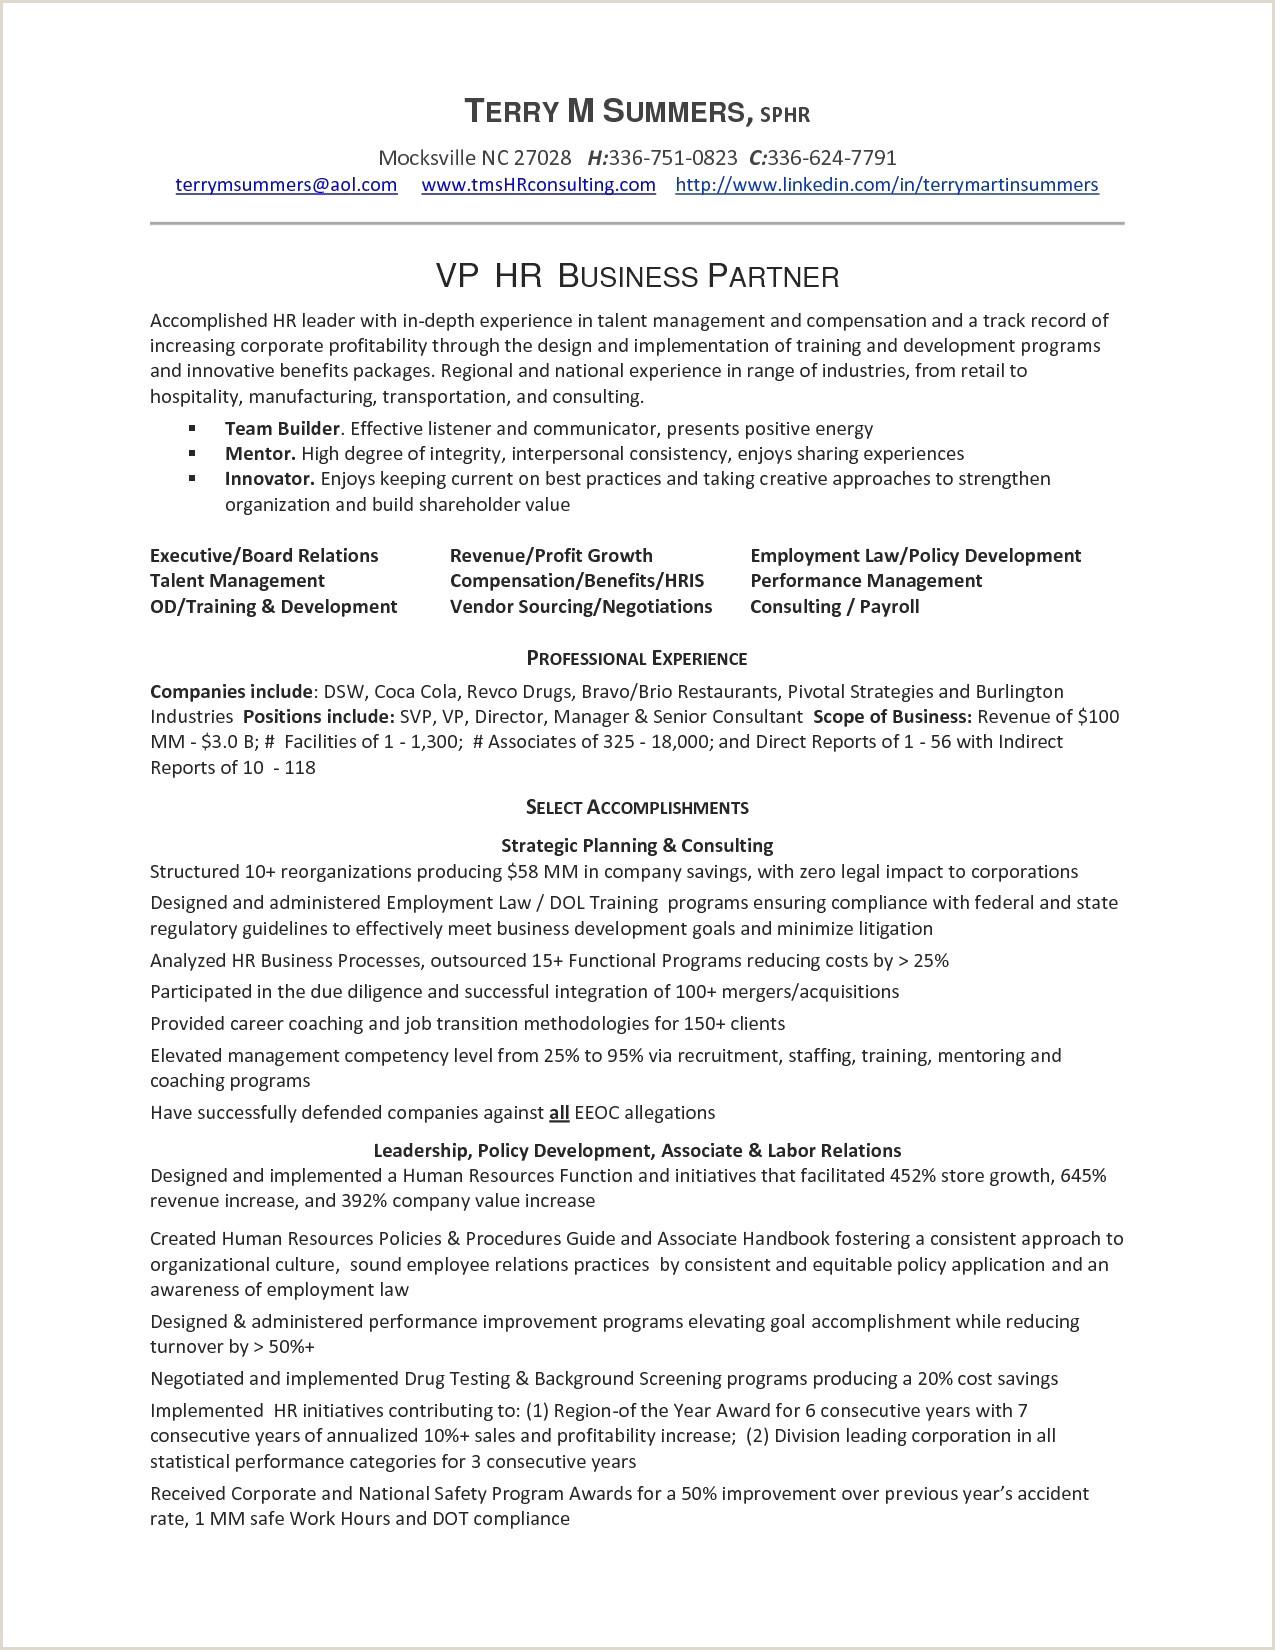 Enterprise Management Trainee Intern Resume Job Description